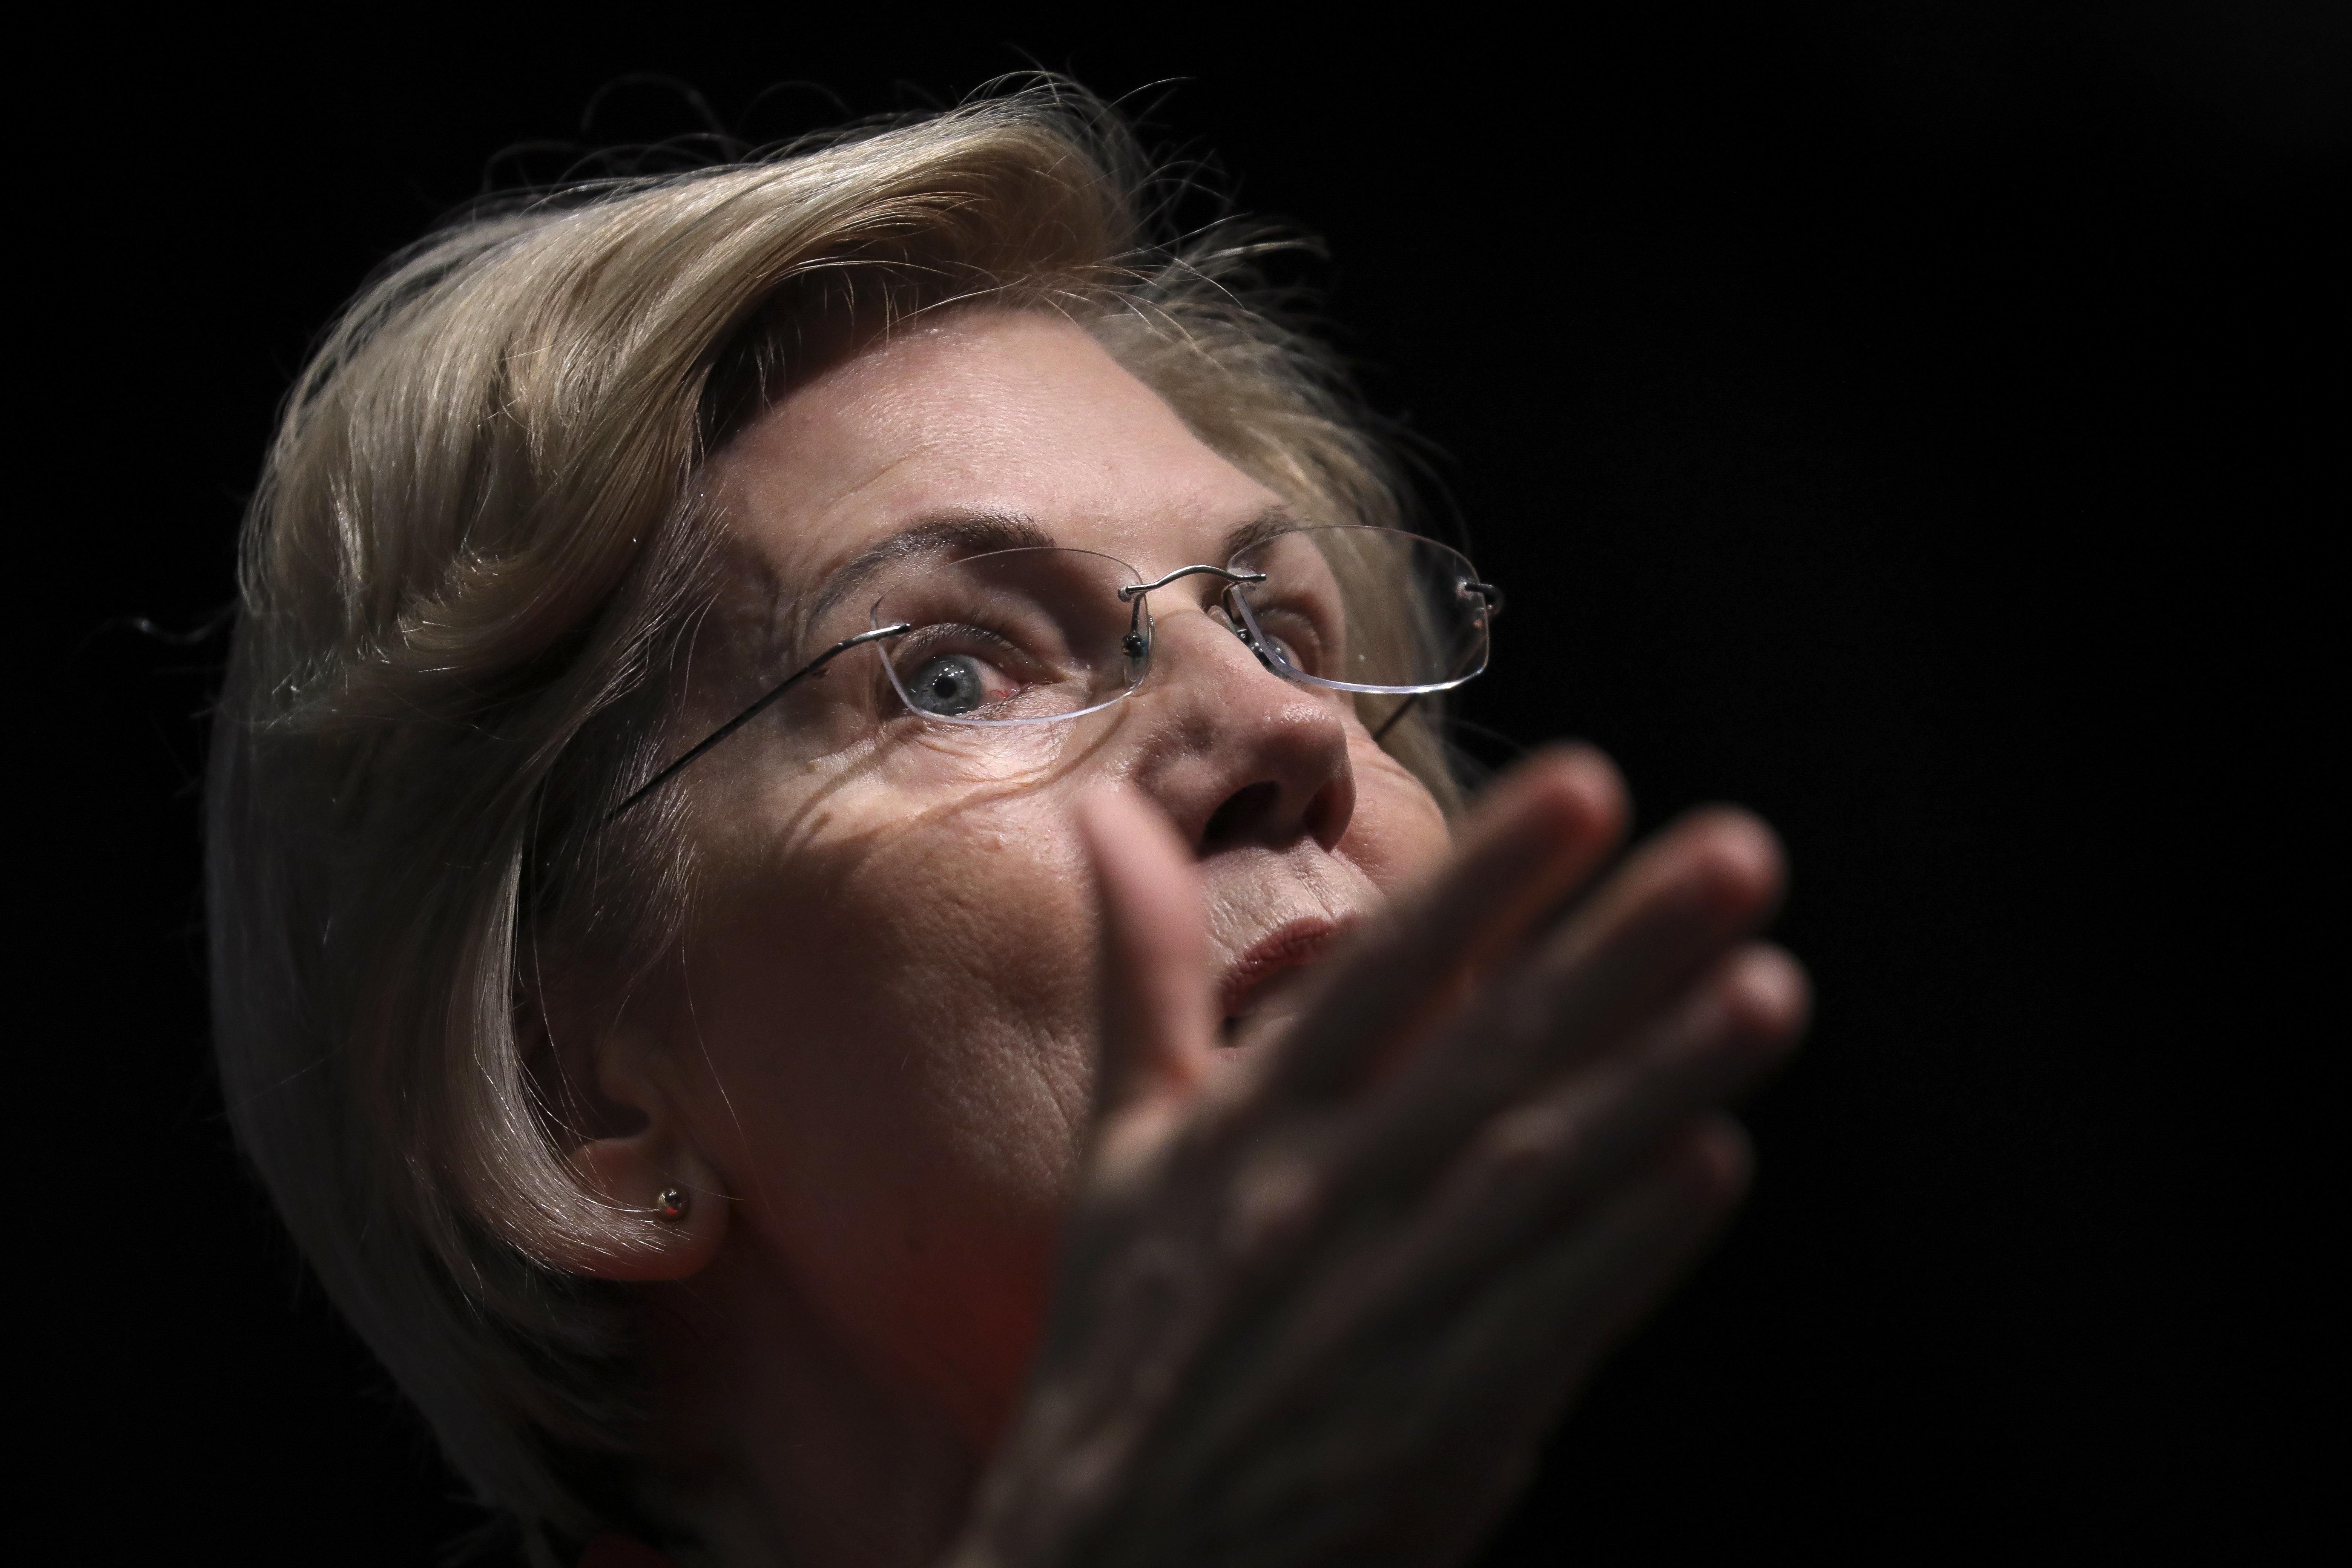 엘리자베스 워렌이 트럼프 탄핵 절차를 시작해야 한다고